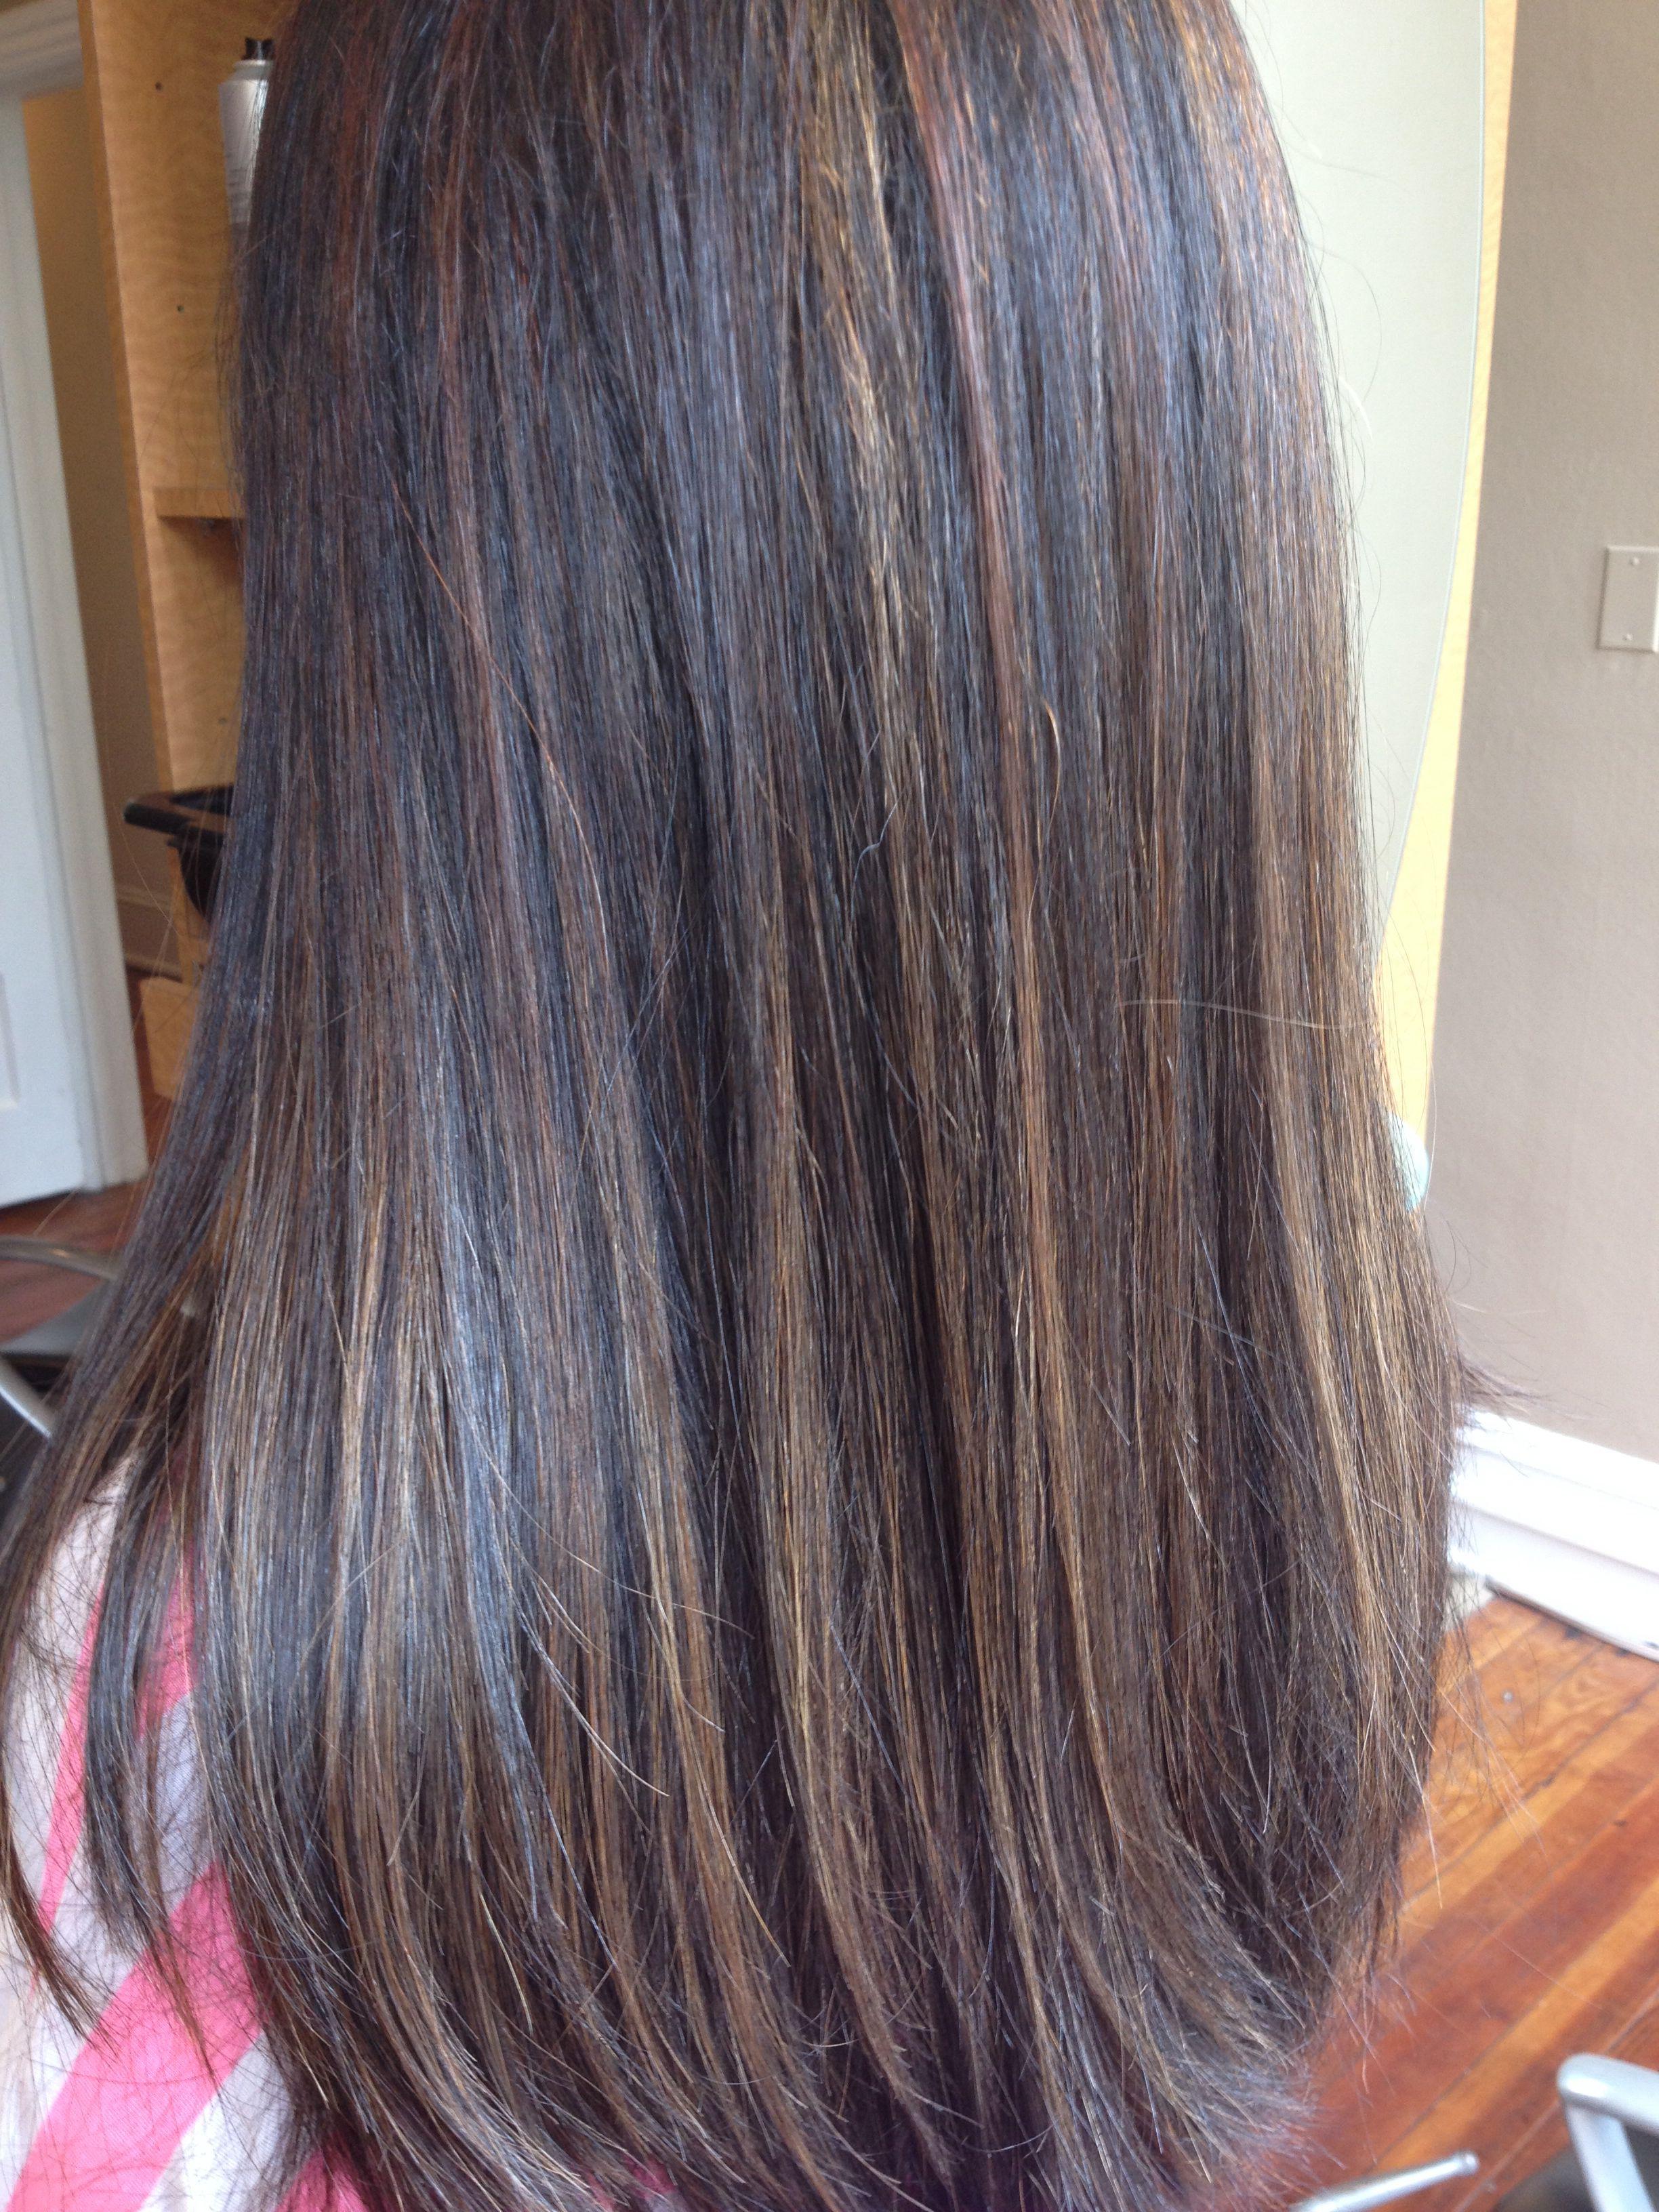 Chocolate Highlights On Black Hair Black Hair With Highlights Dark Hair With Lowlights Straight Hair Highlights